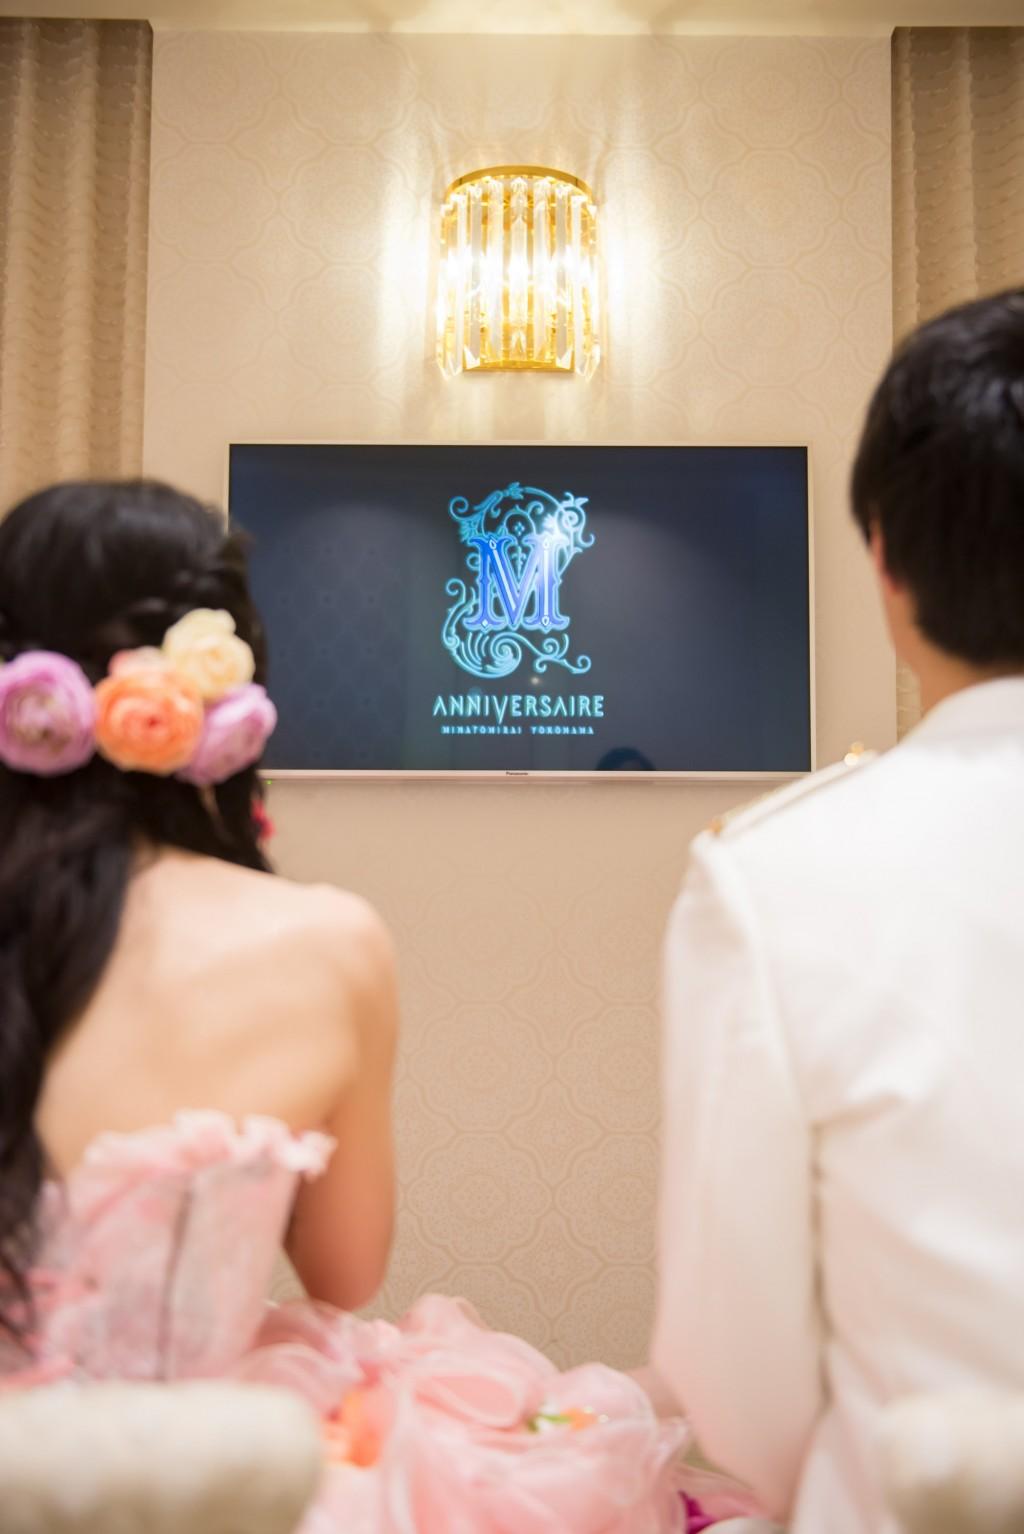 アニヴェルセルみなとみらい横浜 結婚式ブログ ヴィラスウィートでの披露宴 退場、エンドロール上映、送賓